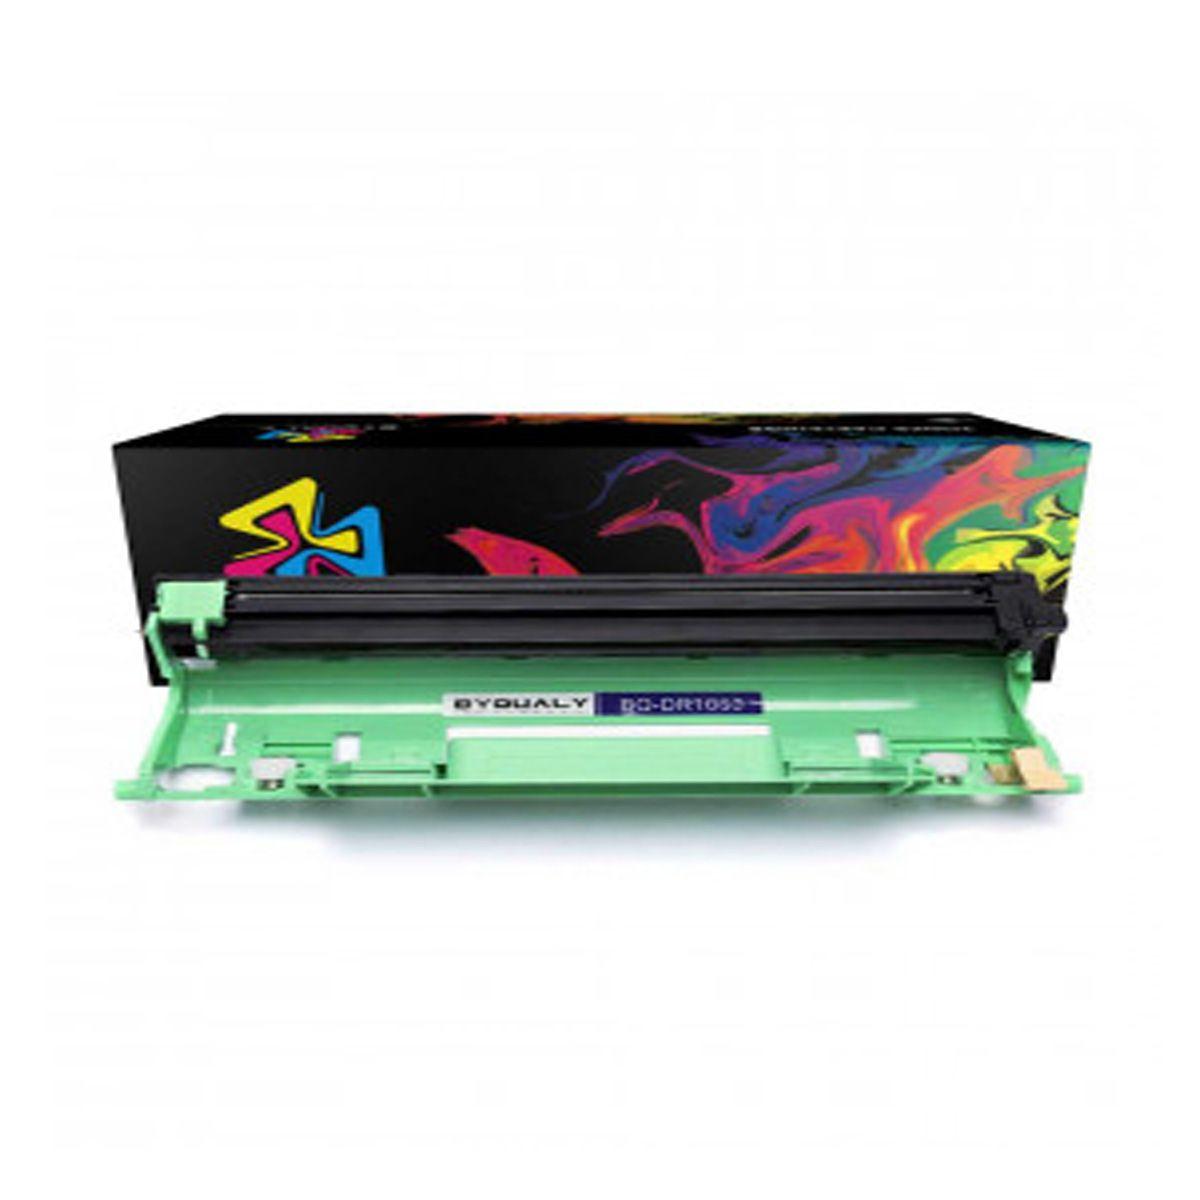 Fotocondutor DR1060 DR-1060 - DCP1512 DCP-1512 HL1112 1617